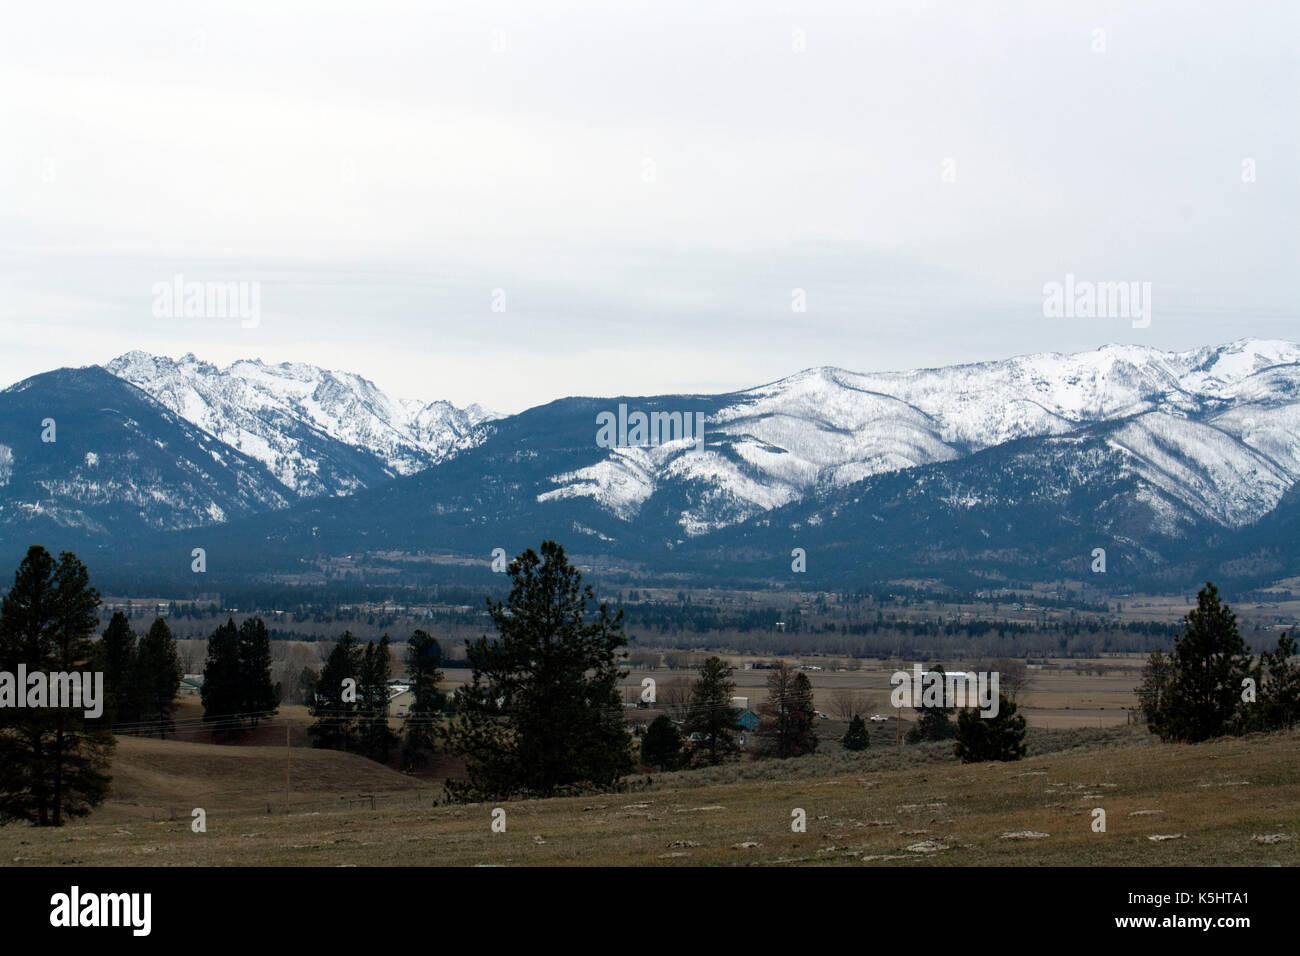 Las montañas cubiertas de nieve en medio del invierno. La sección de las Montañas Rocosas situadas en el valle bitterroot, Montana. América del Norte, Estados Unidos. Imagen De Stock